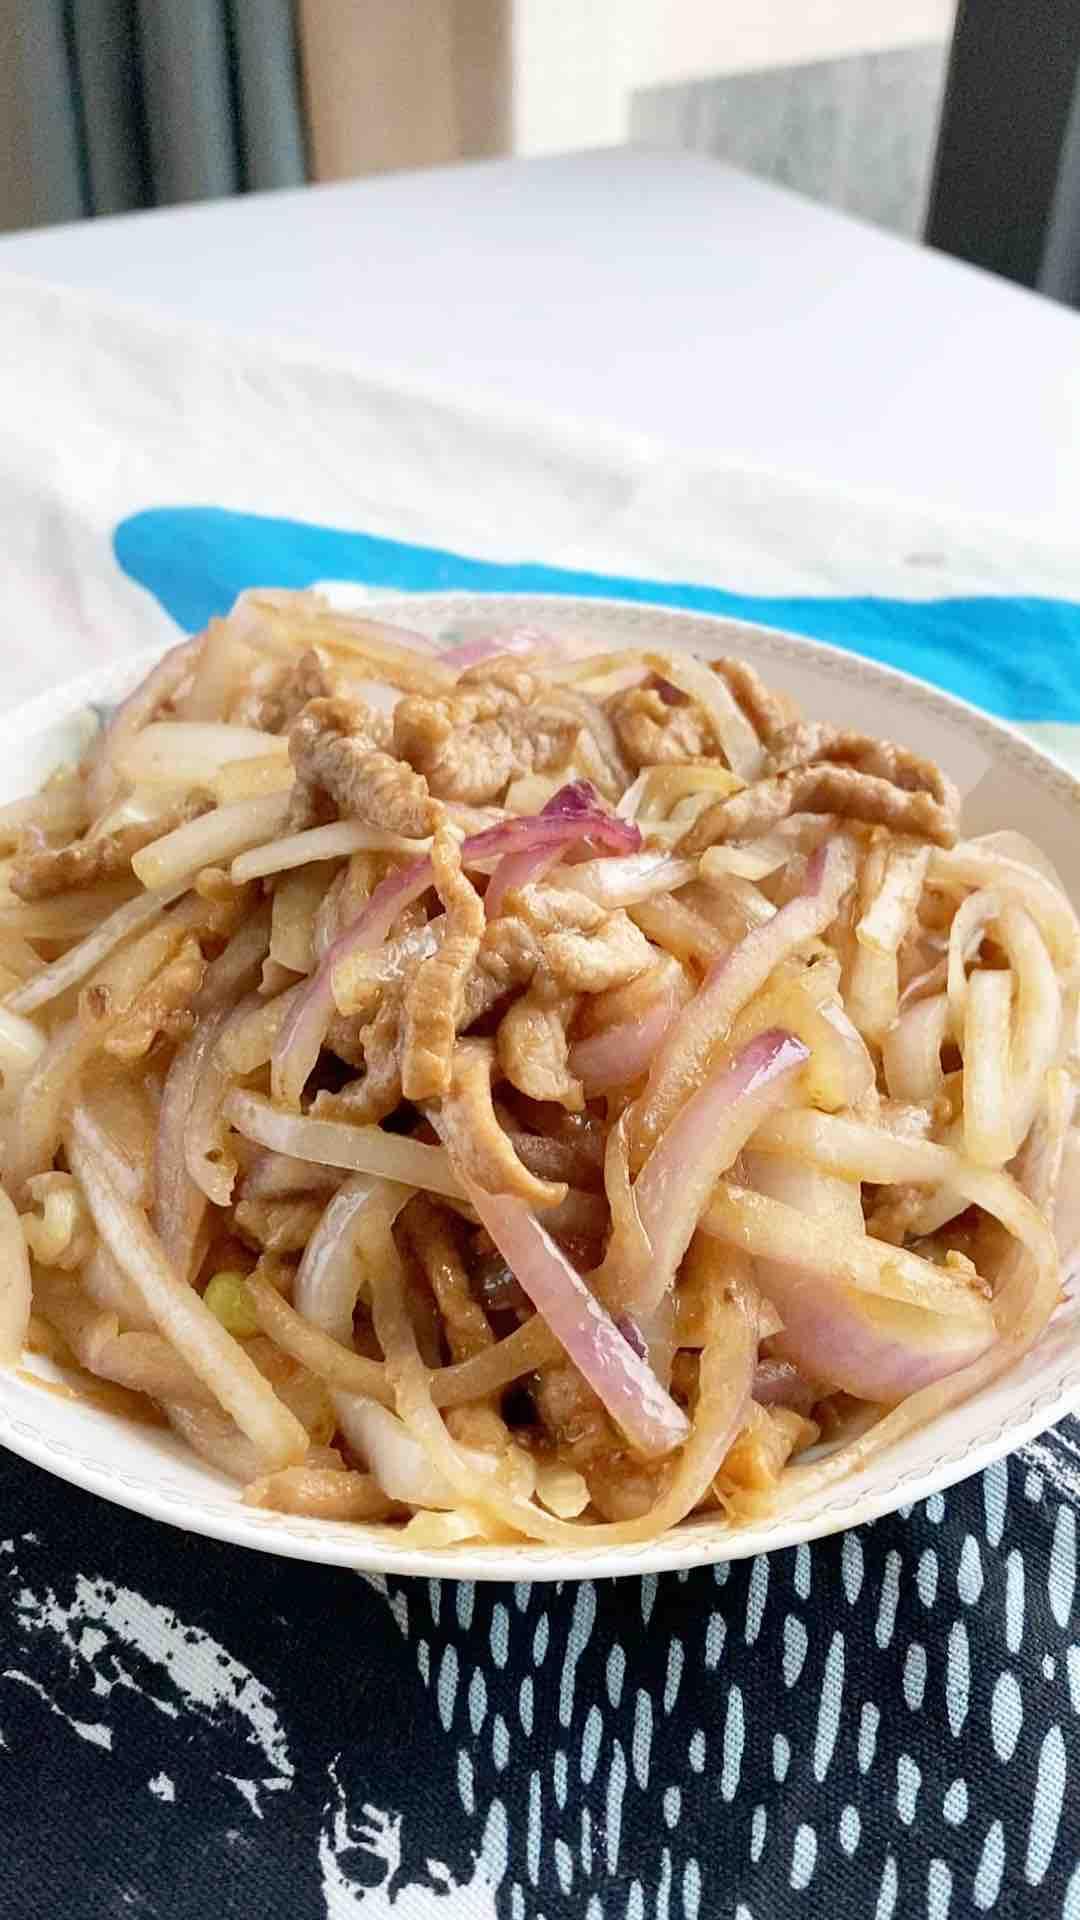 洋葱炒肉丝,洋葱是个宝,节后清肠多吃它,排脂降压不可少